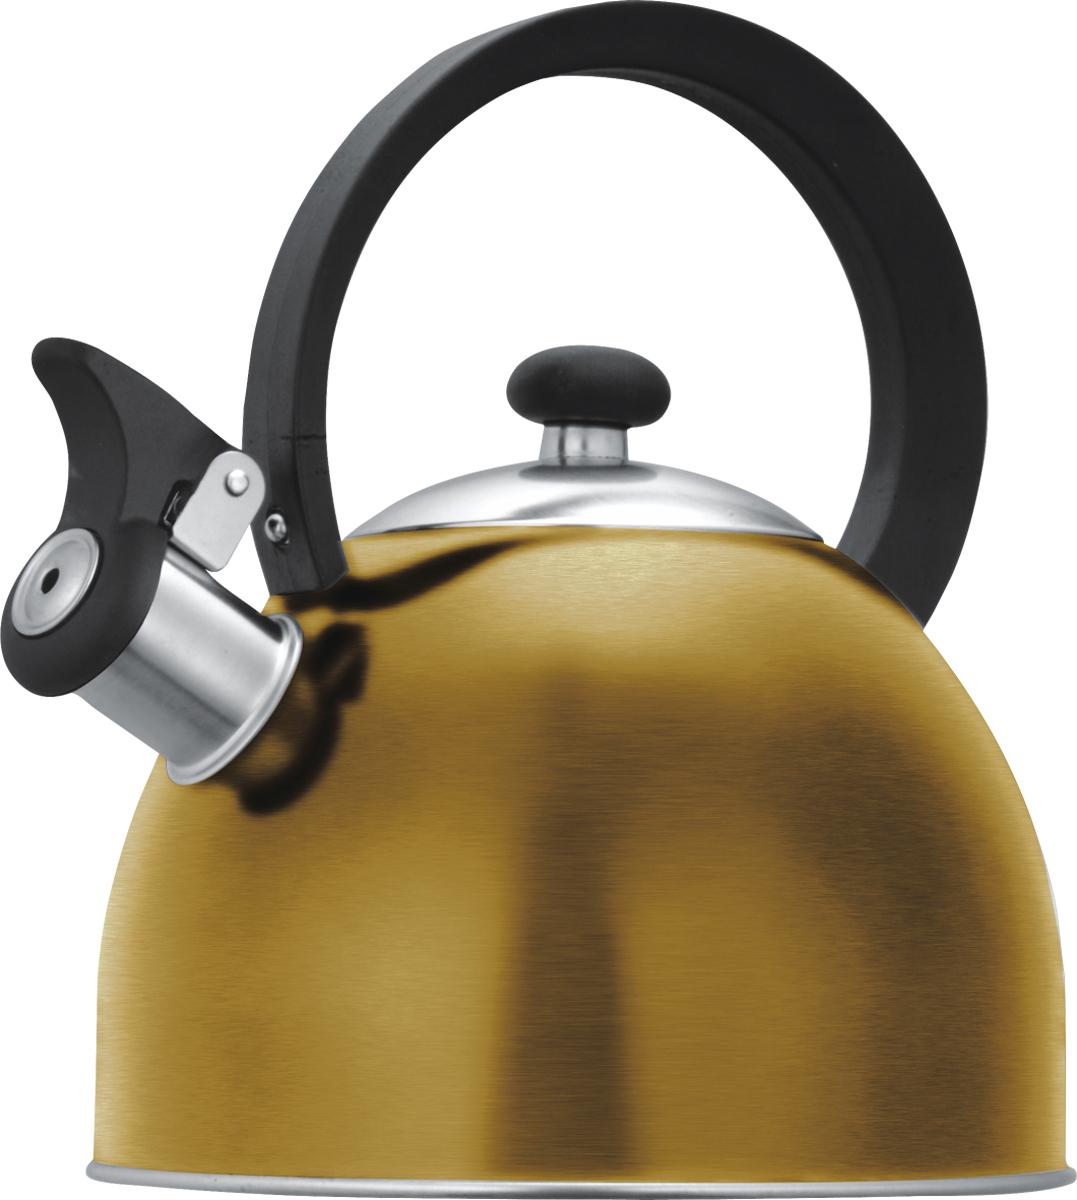 Чайник со свистком Lumme, цвет: золотистый, 1,8 л. LU-256LU-256 золотоцветной со свистком 1,8л нержавеющая сталь, фиксированная ручка